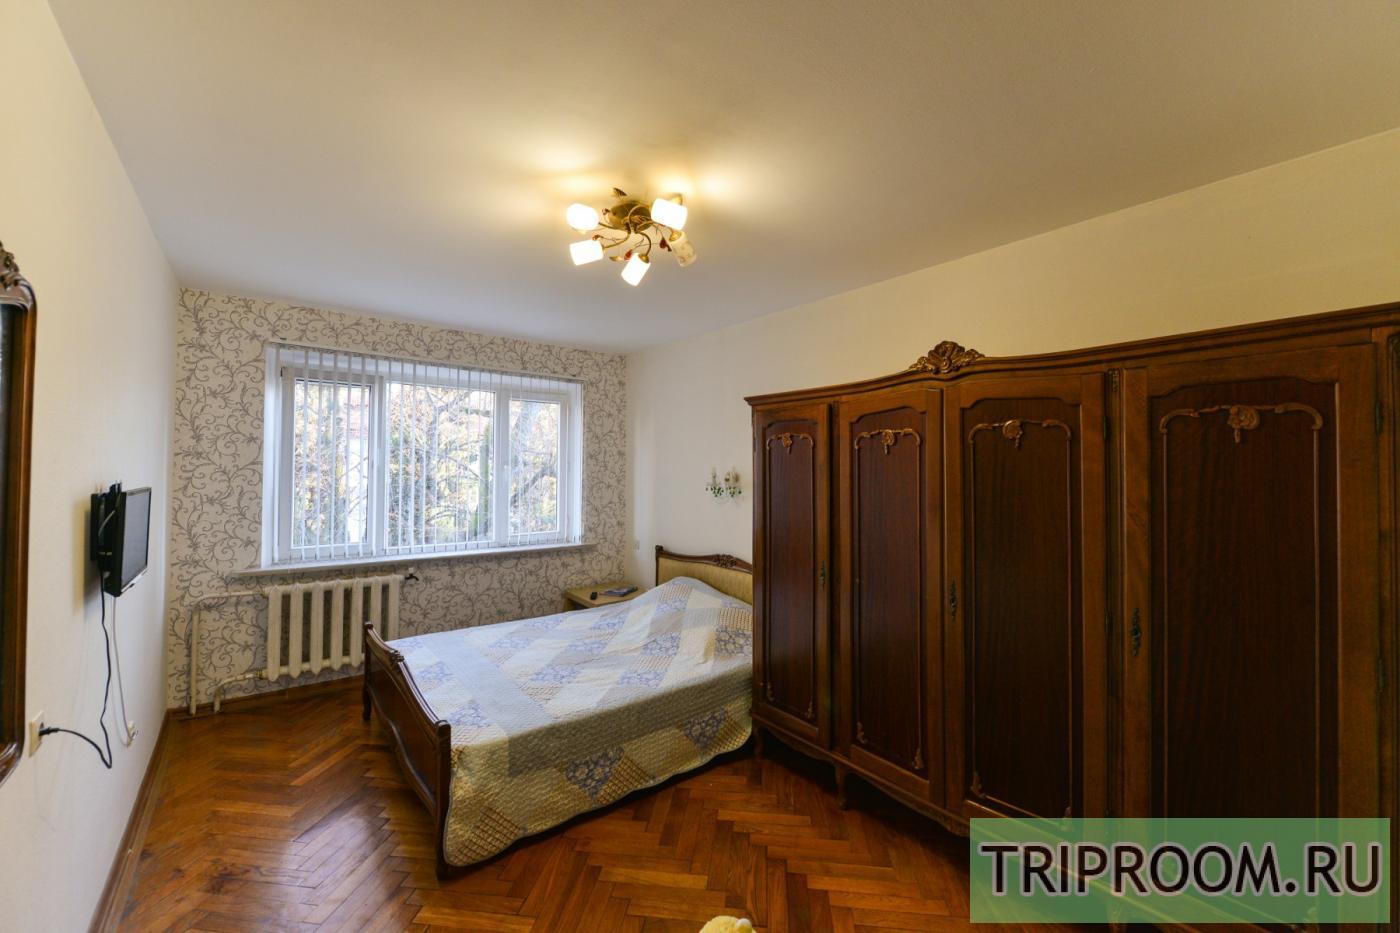 2-комнатная квартира посуточно (вариант № 6980), ул. Воровского улица, фото № 8